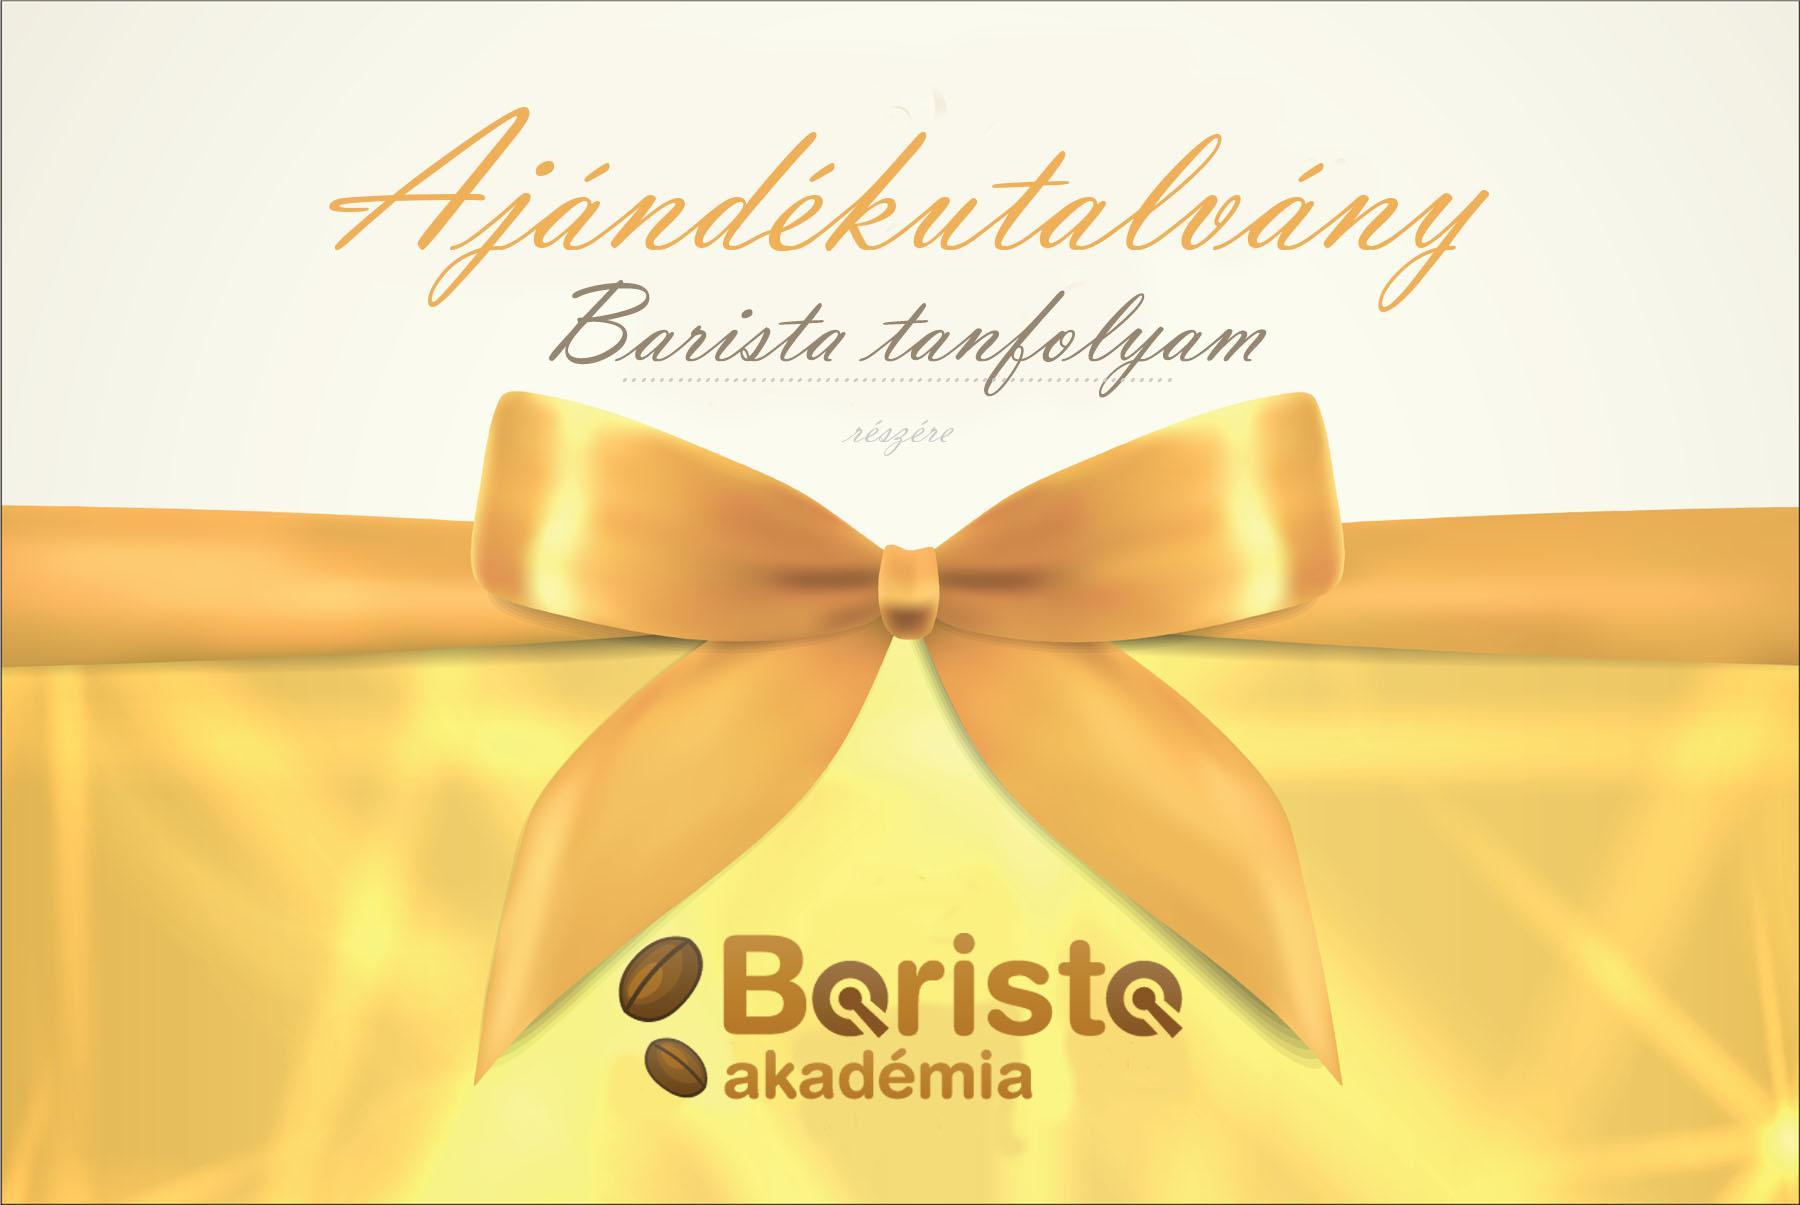 barista_tanfolyam_kepzes